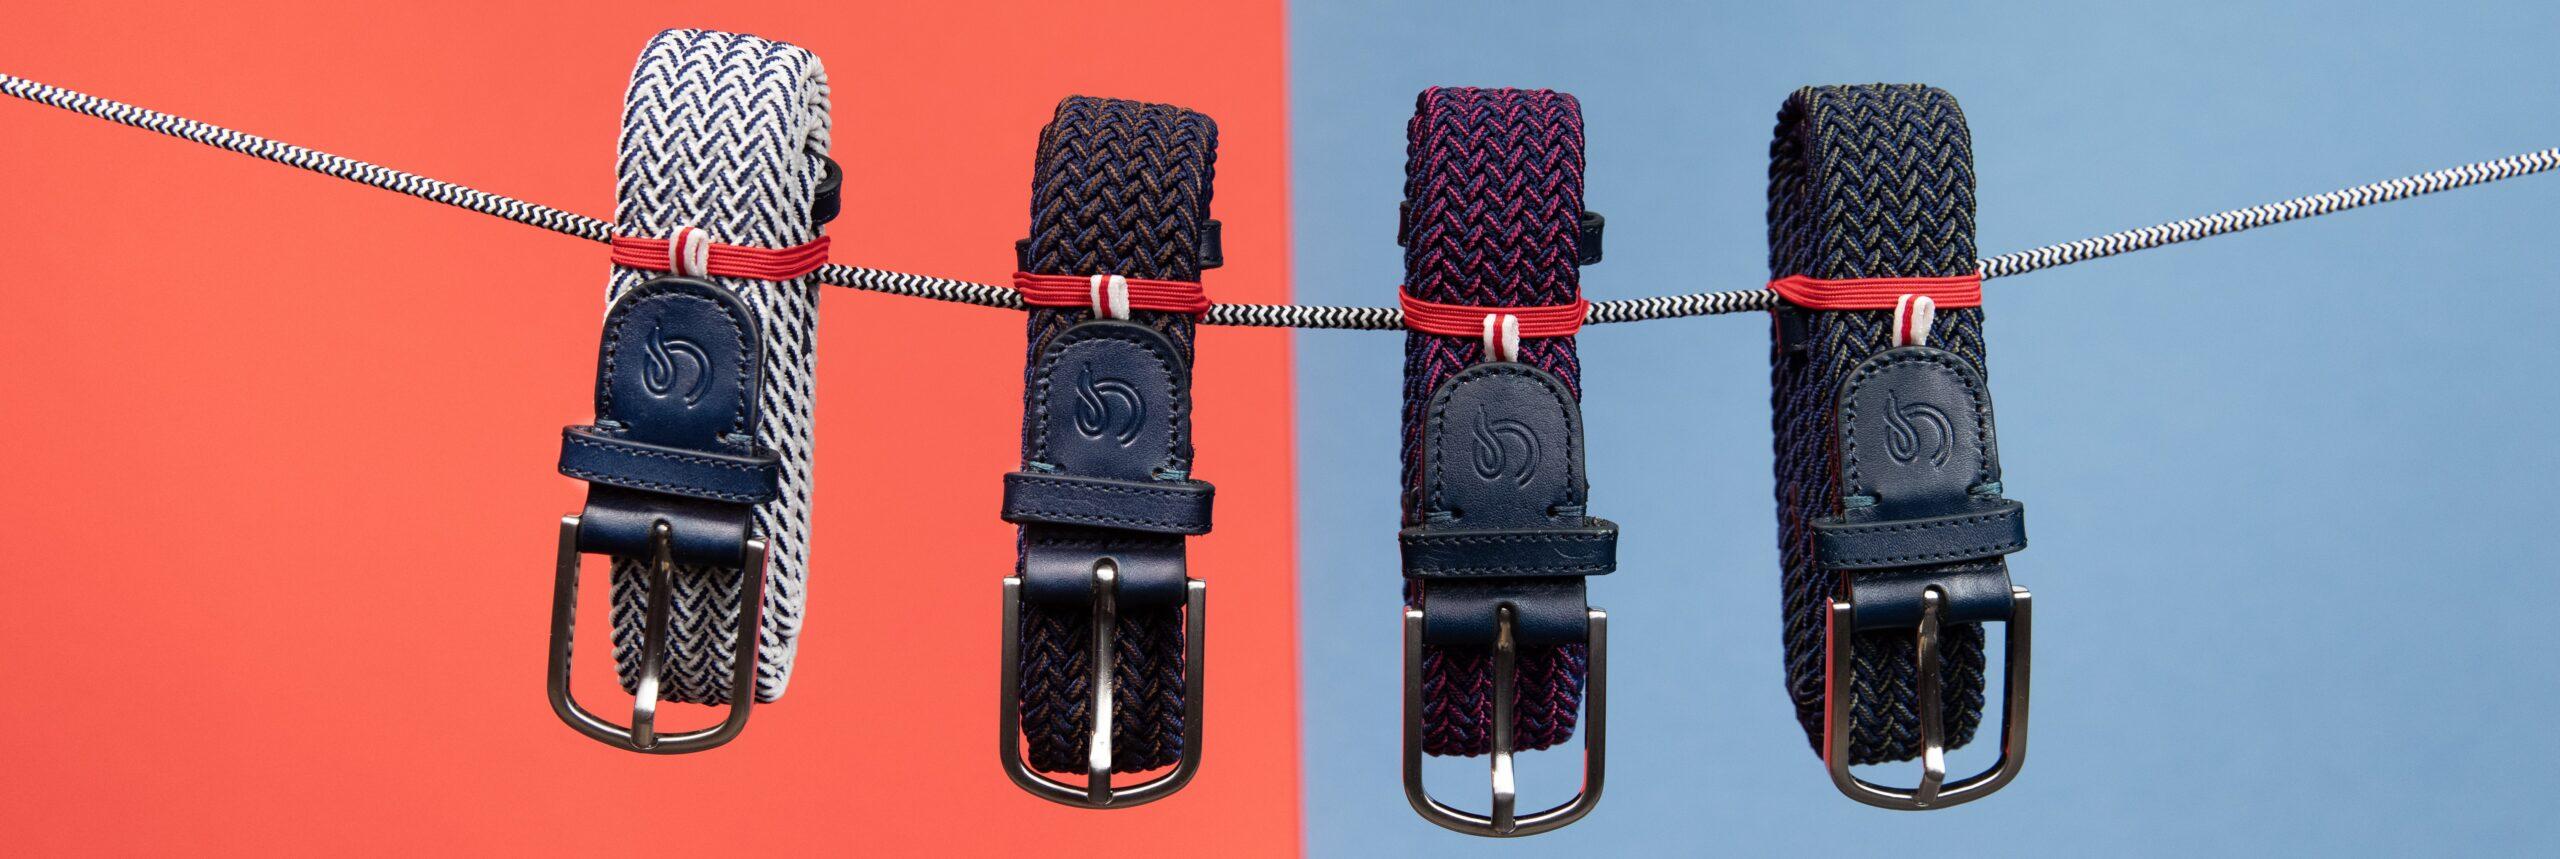 la boucle belts duo banner